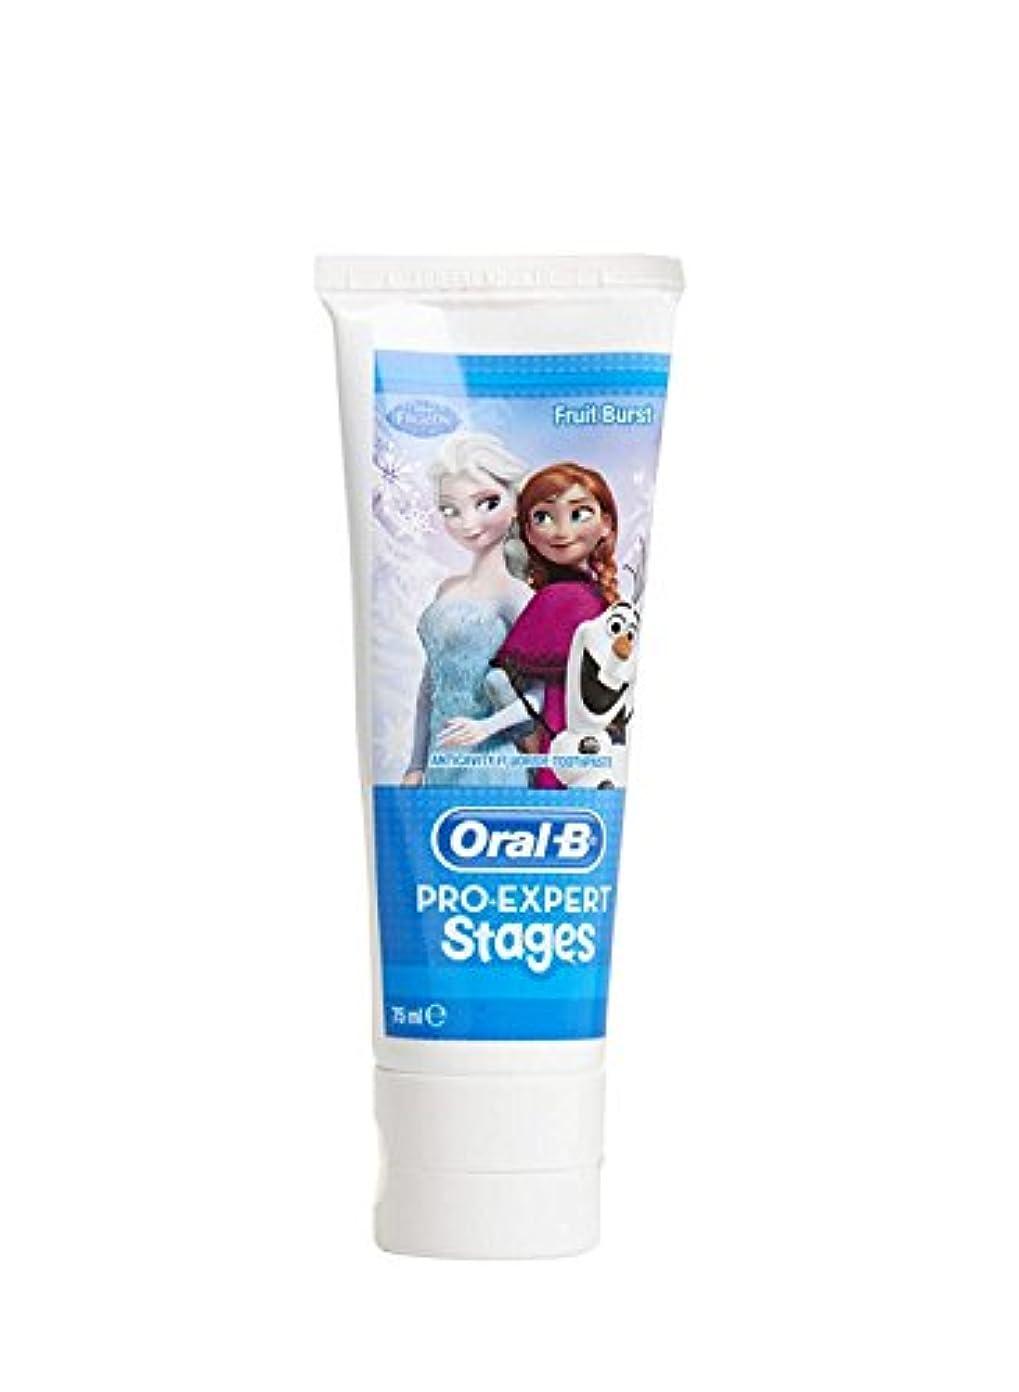 いわゆる外出急襲オーラルB アナ雪キャラクター 子供用 歯磨き粉 5-7歳対象  並行輸入品 海外発送